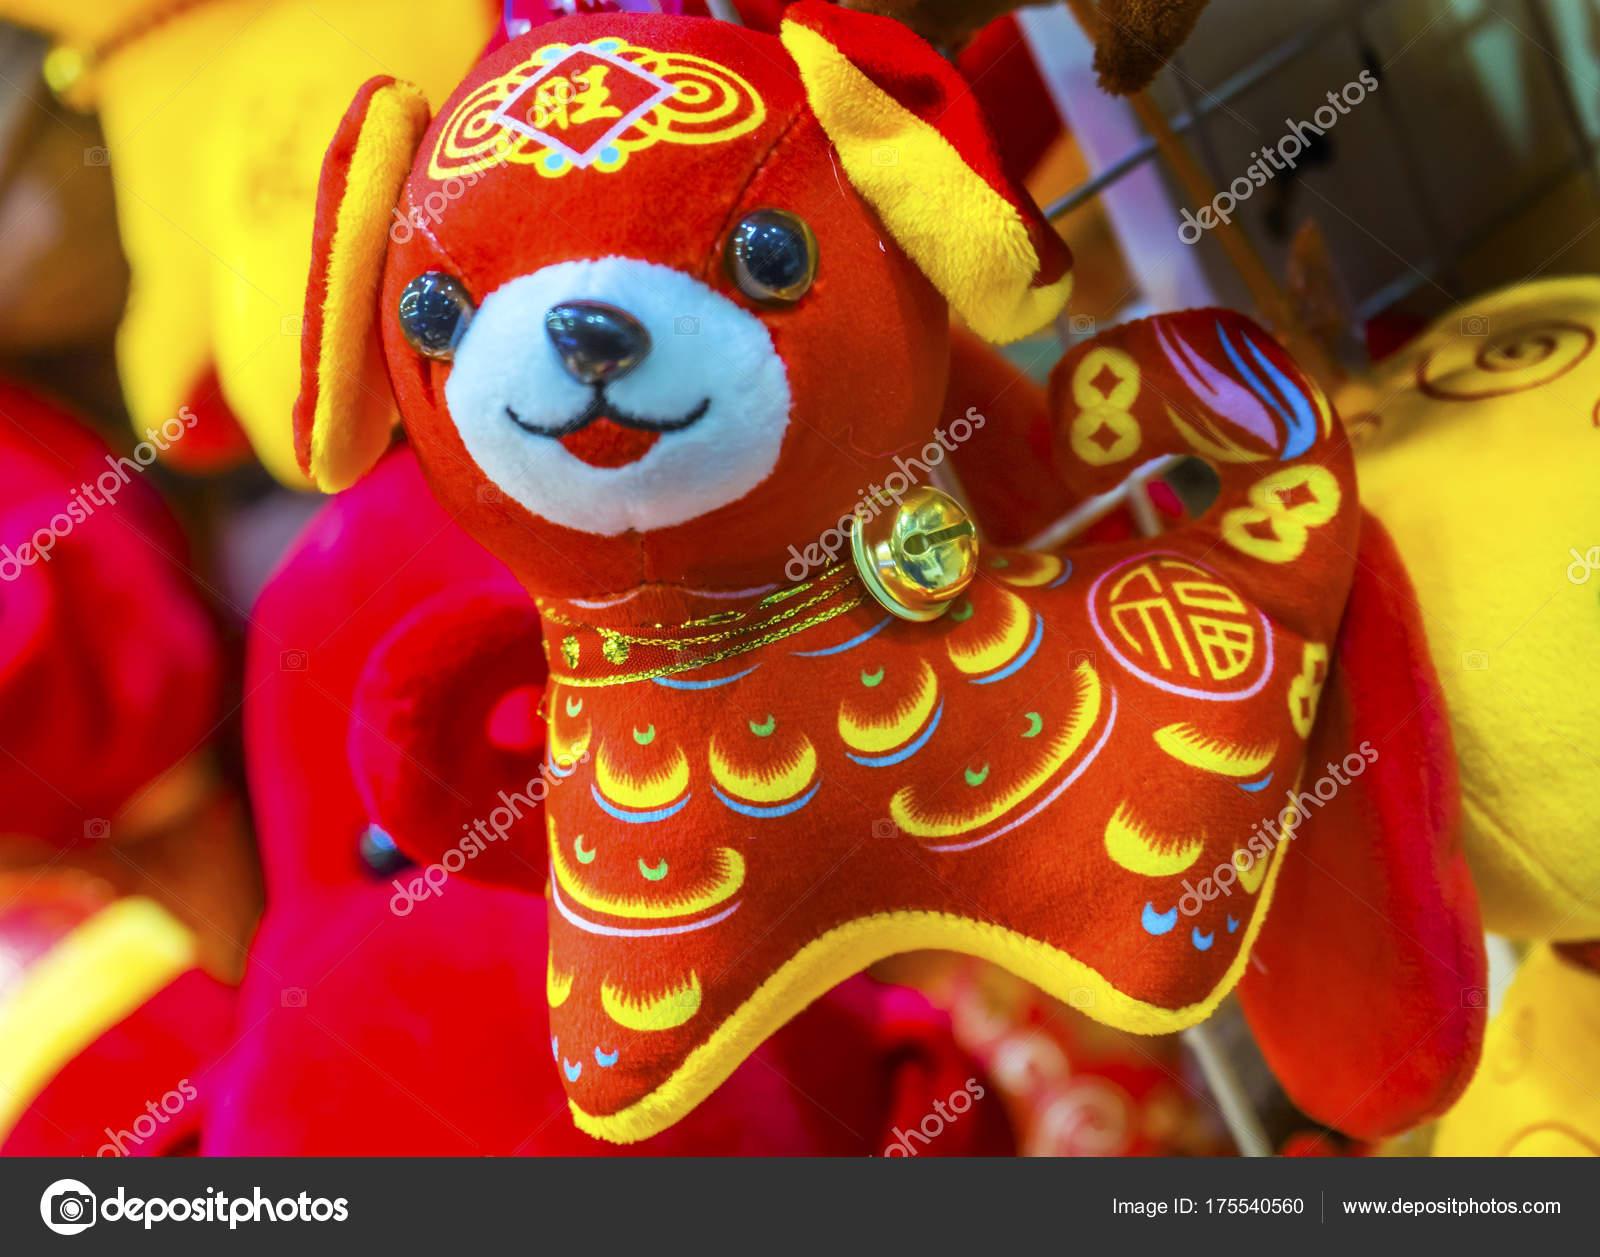 Red Dog Chinese Lunar New Year Dekorationen Peking China — Stockfoto ...